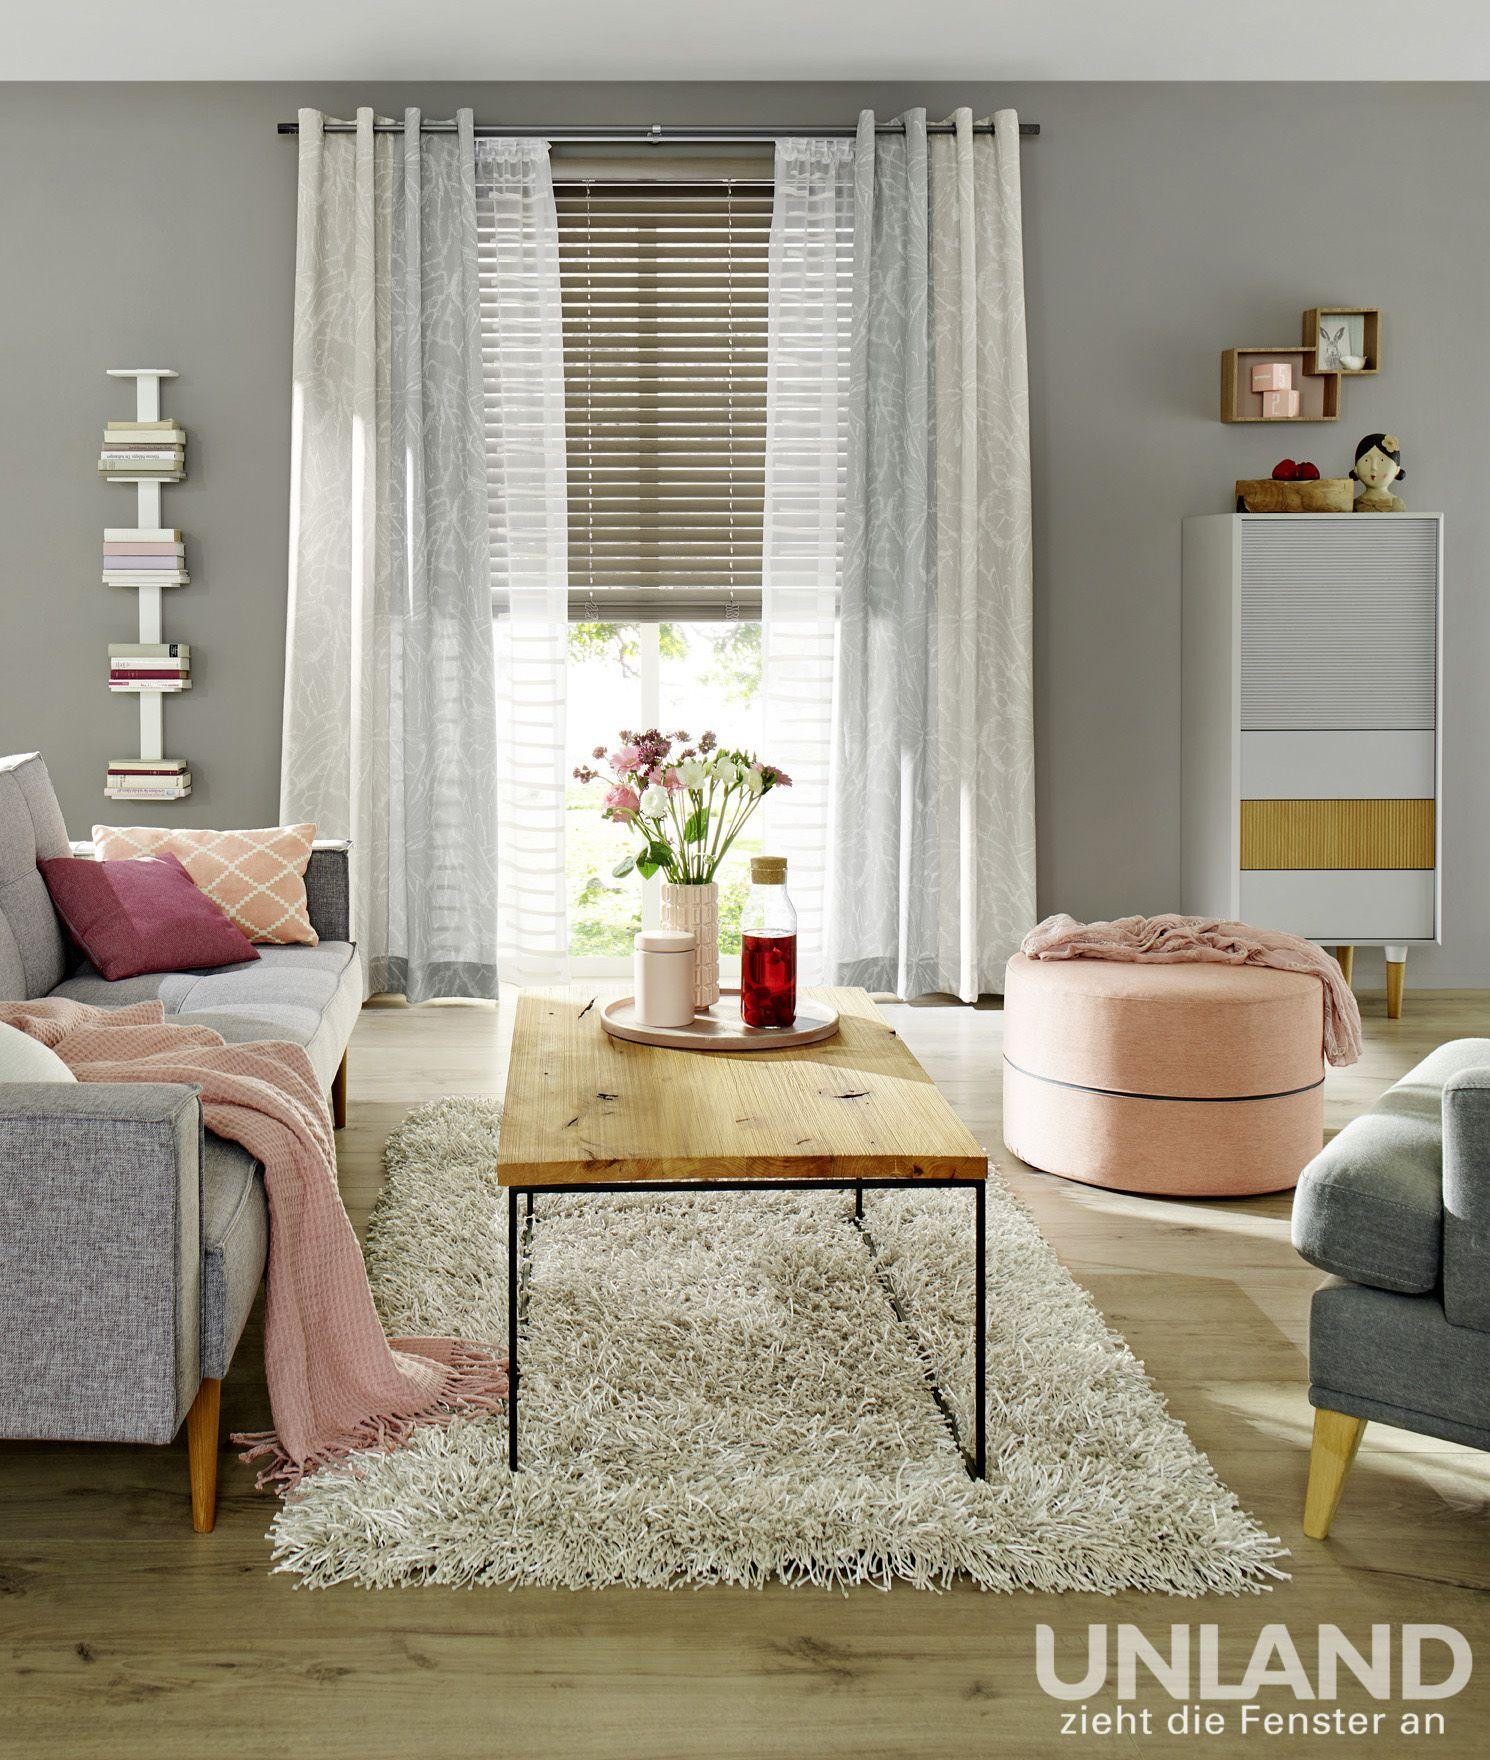 Fenster Nordic Gardinen Dekostoffe Vorhang Wohnstoffe